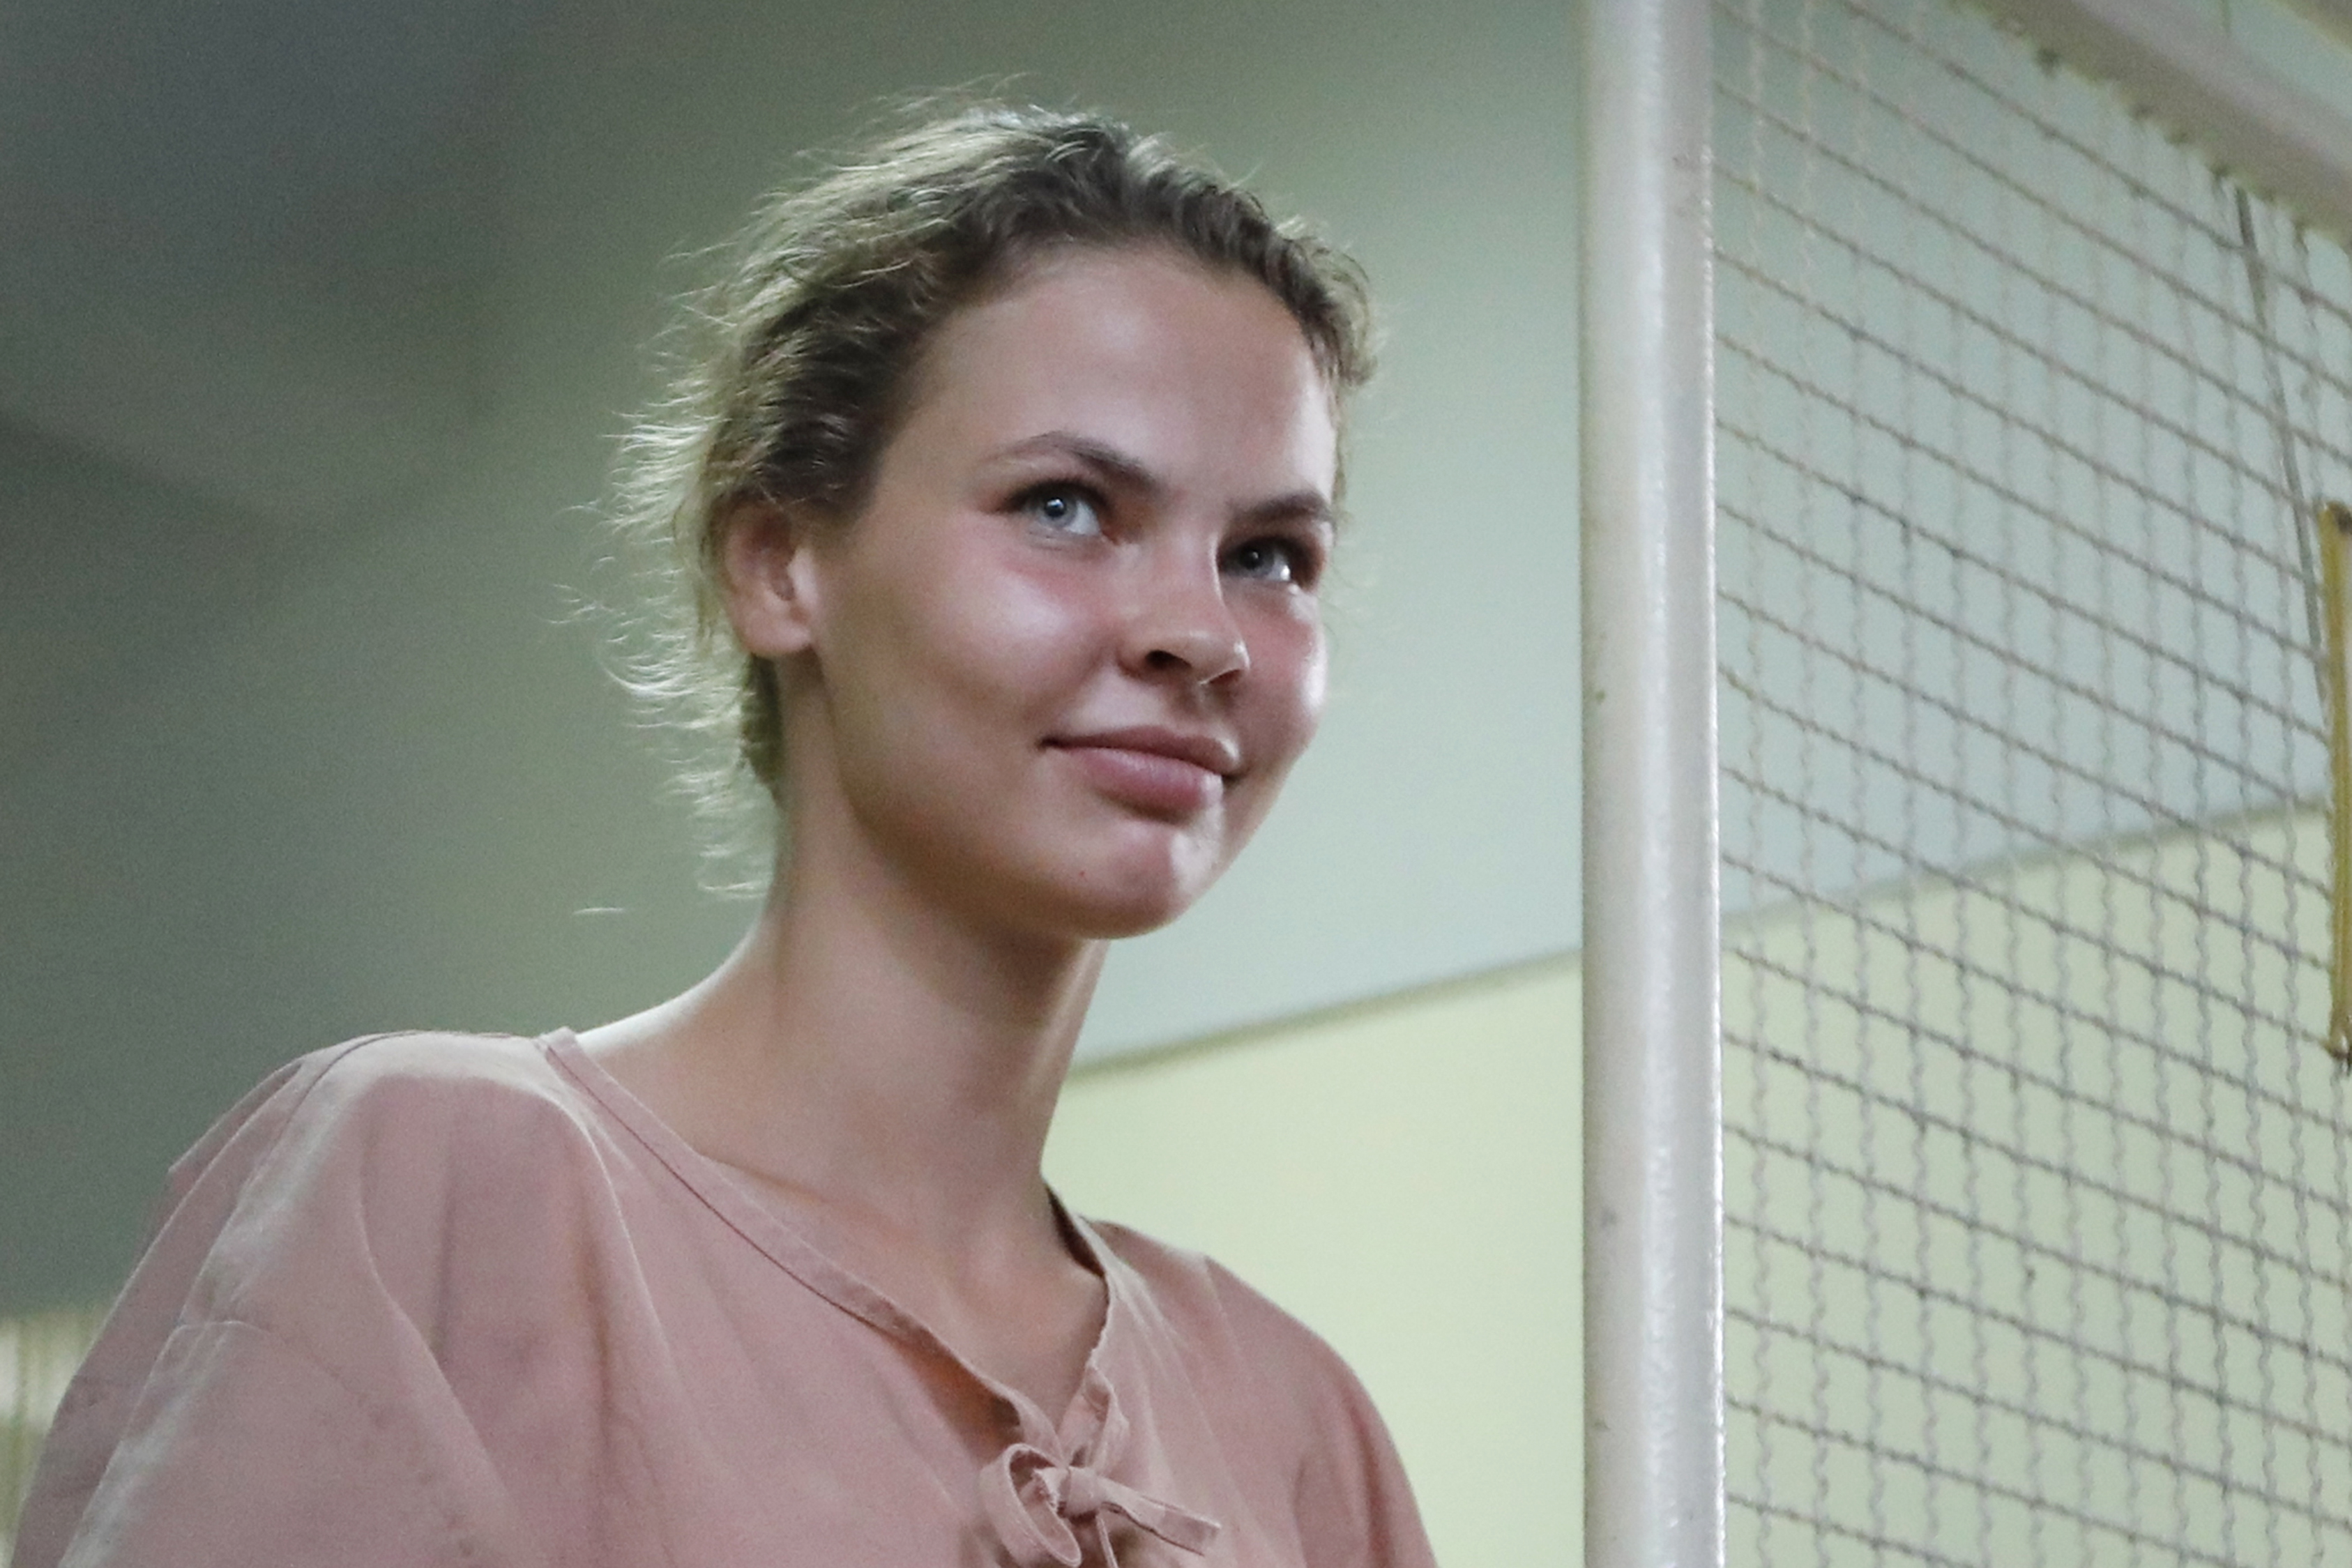 Elengedték a fehérorosz eszkortnőt, aki azt állította, bizonyítékai vannak az amerikai elnökválasztásba való orosz beavatkozásra